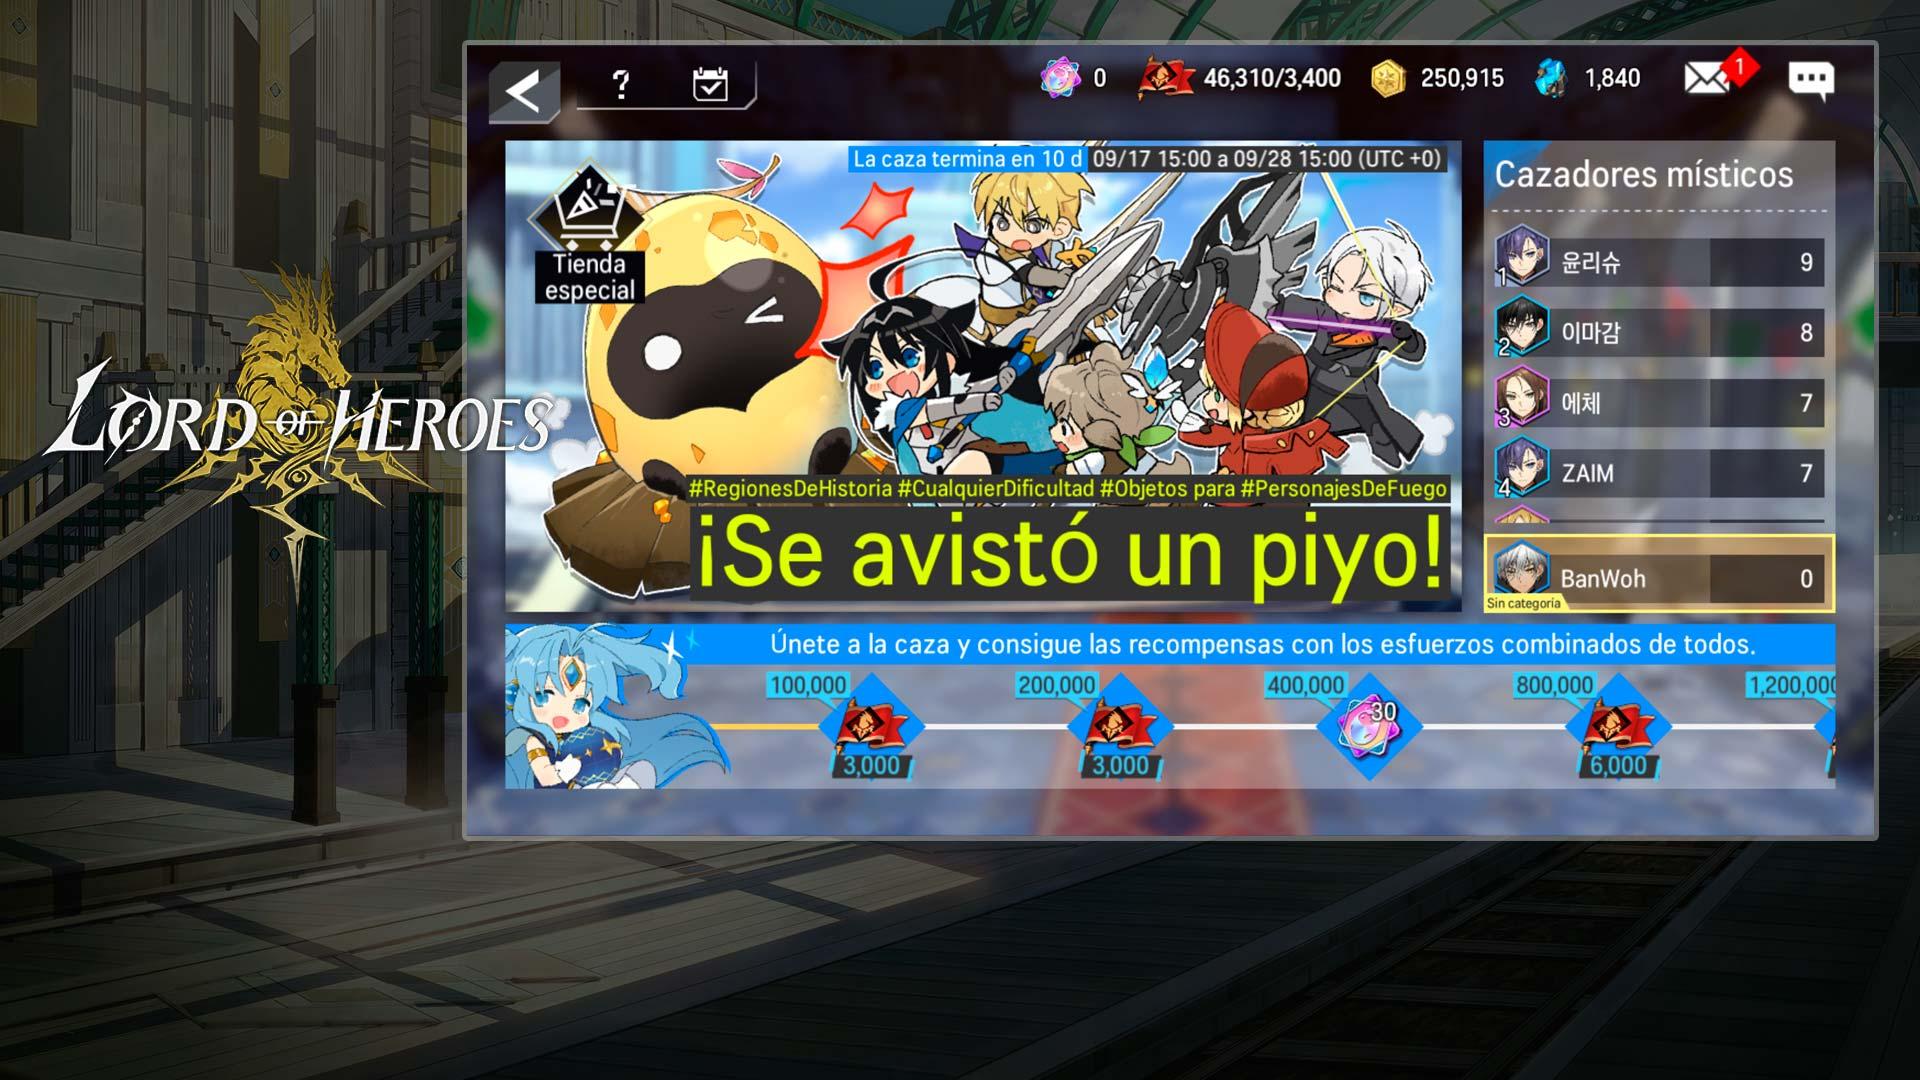 Evento Caza de bestia mística en Lord of Heroes